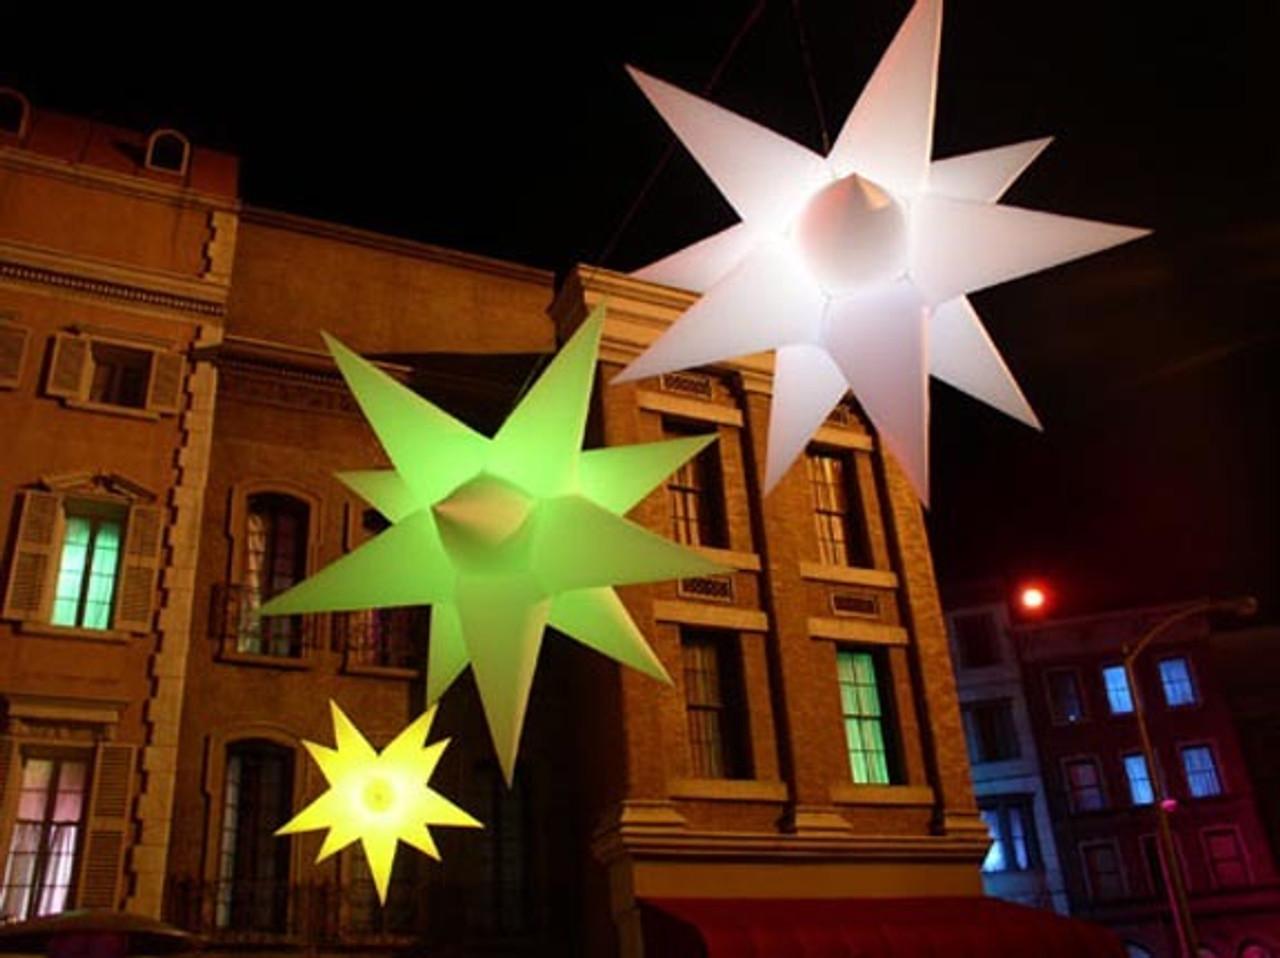 Remote controlled,LED, light up , Star, deco, club,venue,bar,nightclub , disco,